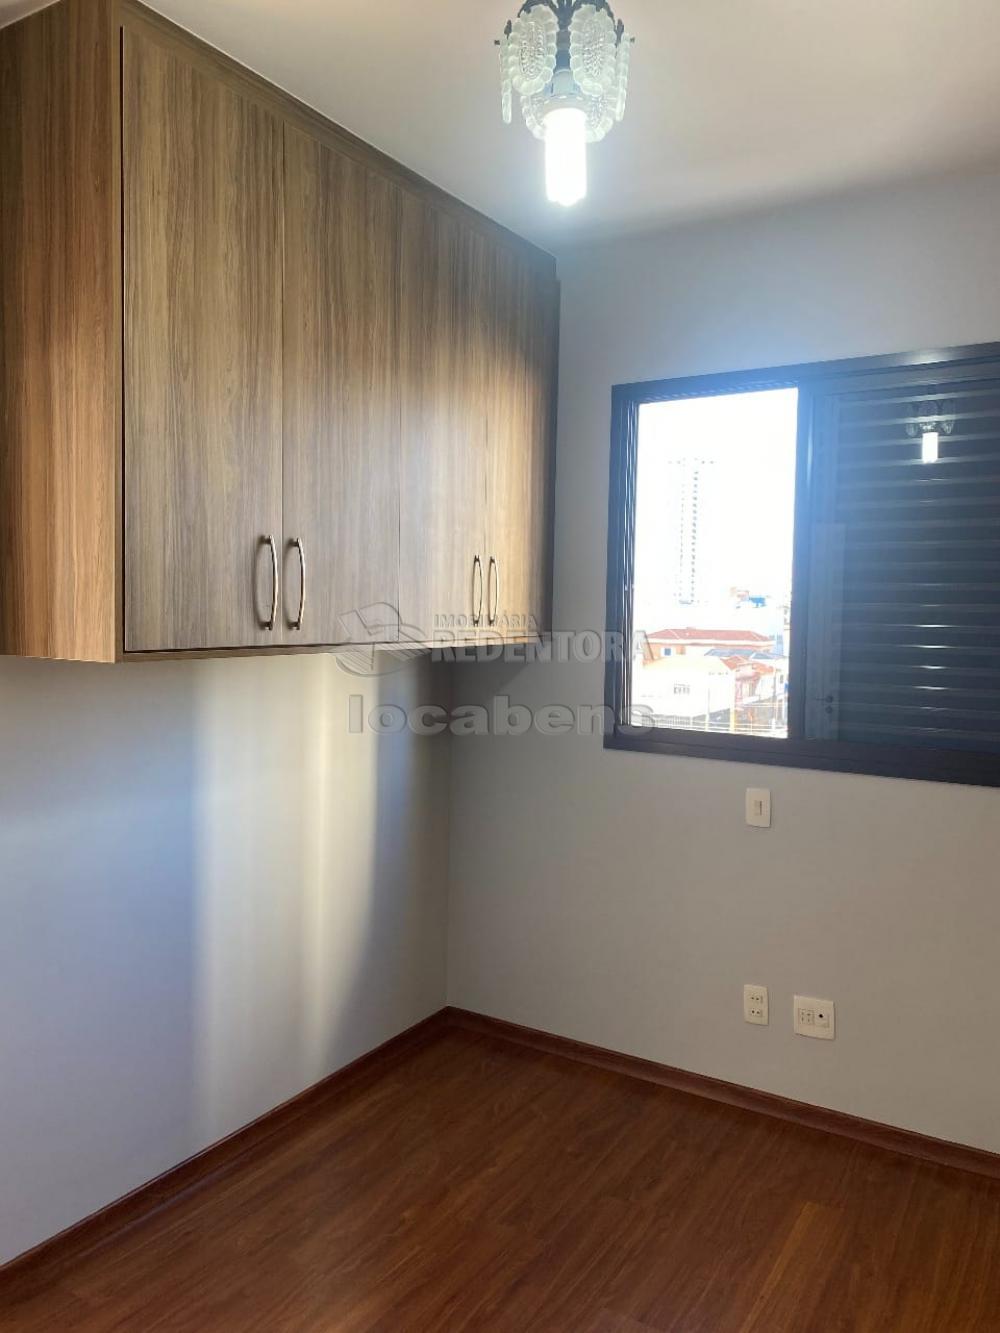 Comprar Apartamento / Padrão em São Paulo R$ 495.000,00 - Foto 19